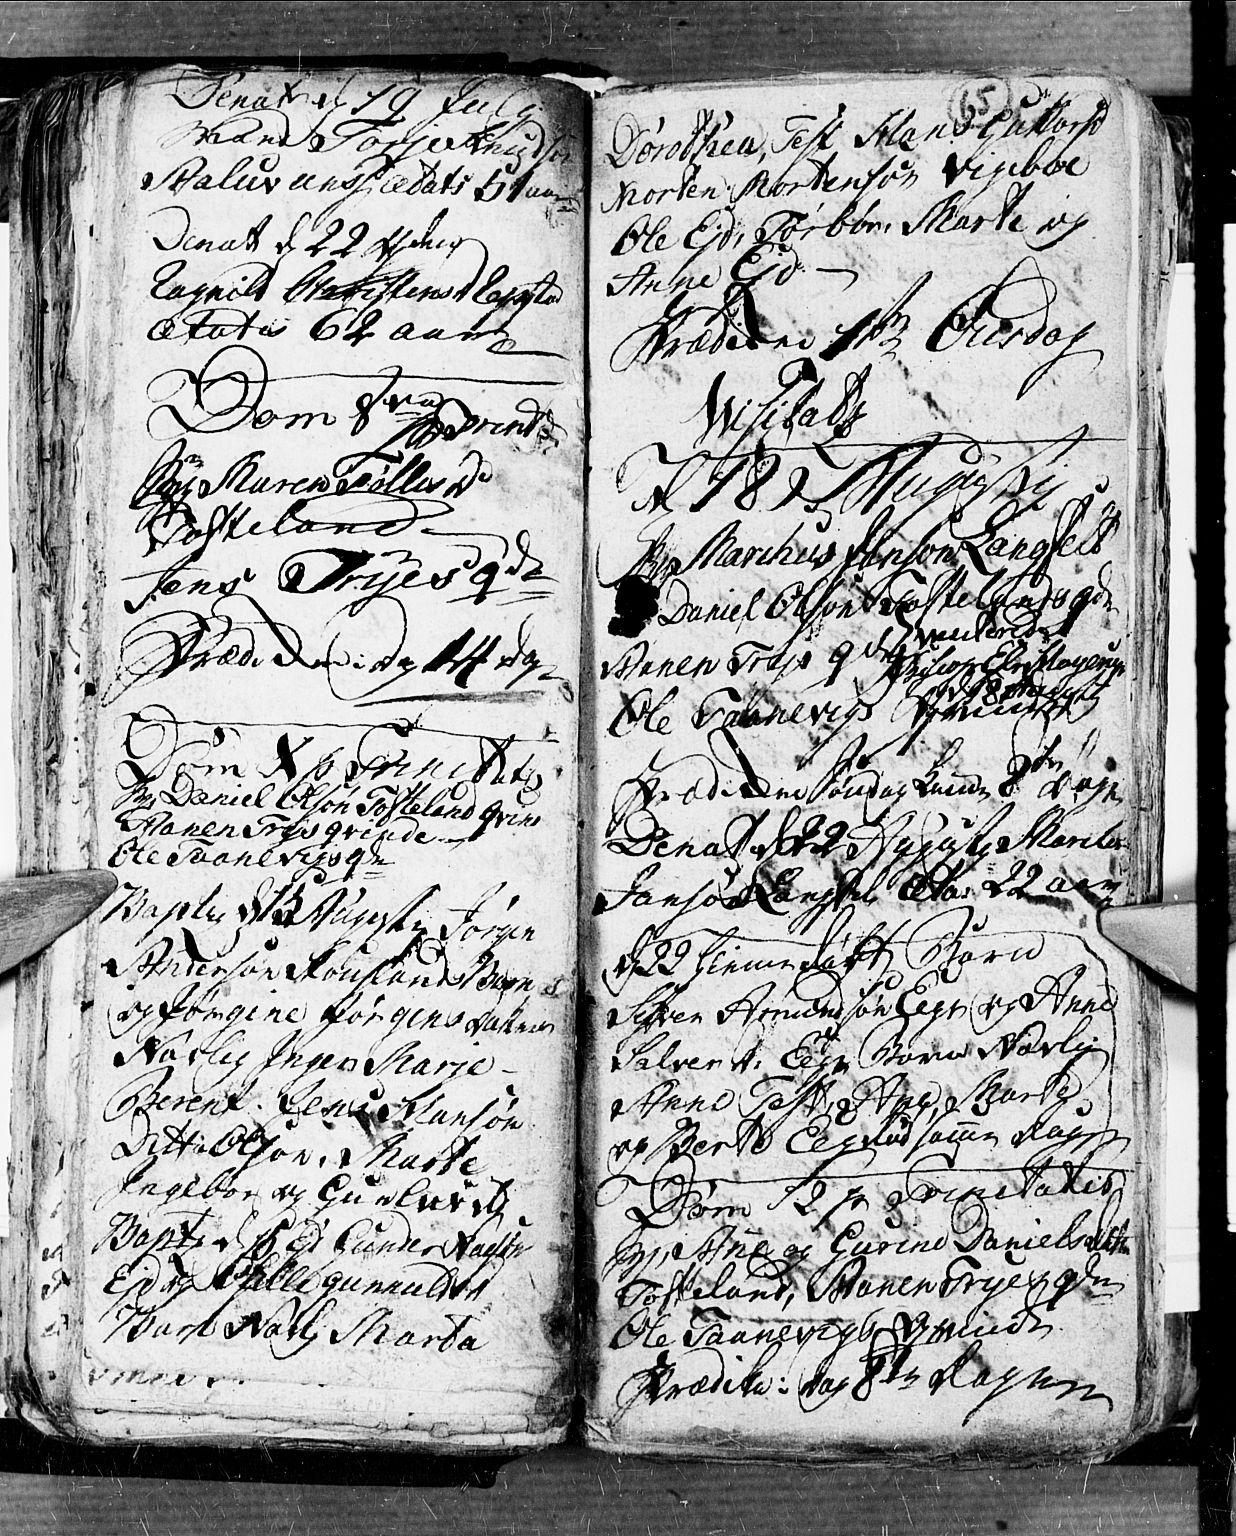 SAK, Søgne sokneprestkontor, F/Fb/Fbb/L0001: Klokkerbok nr. B 1, 1779-1802, s. 65